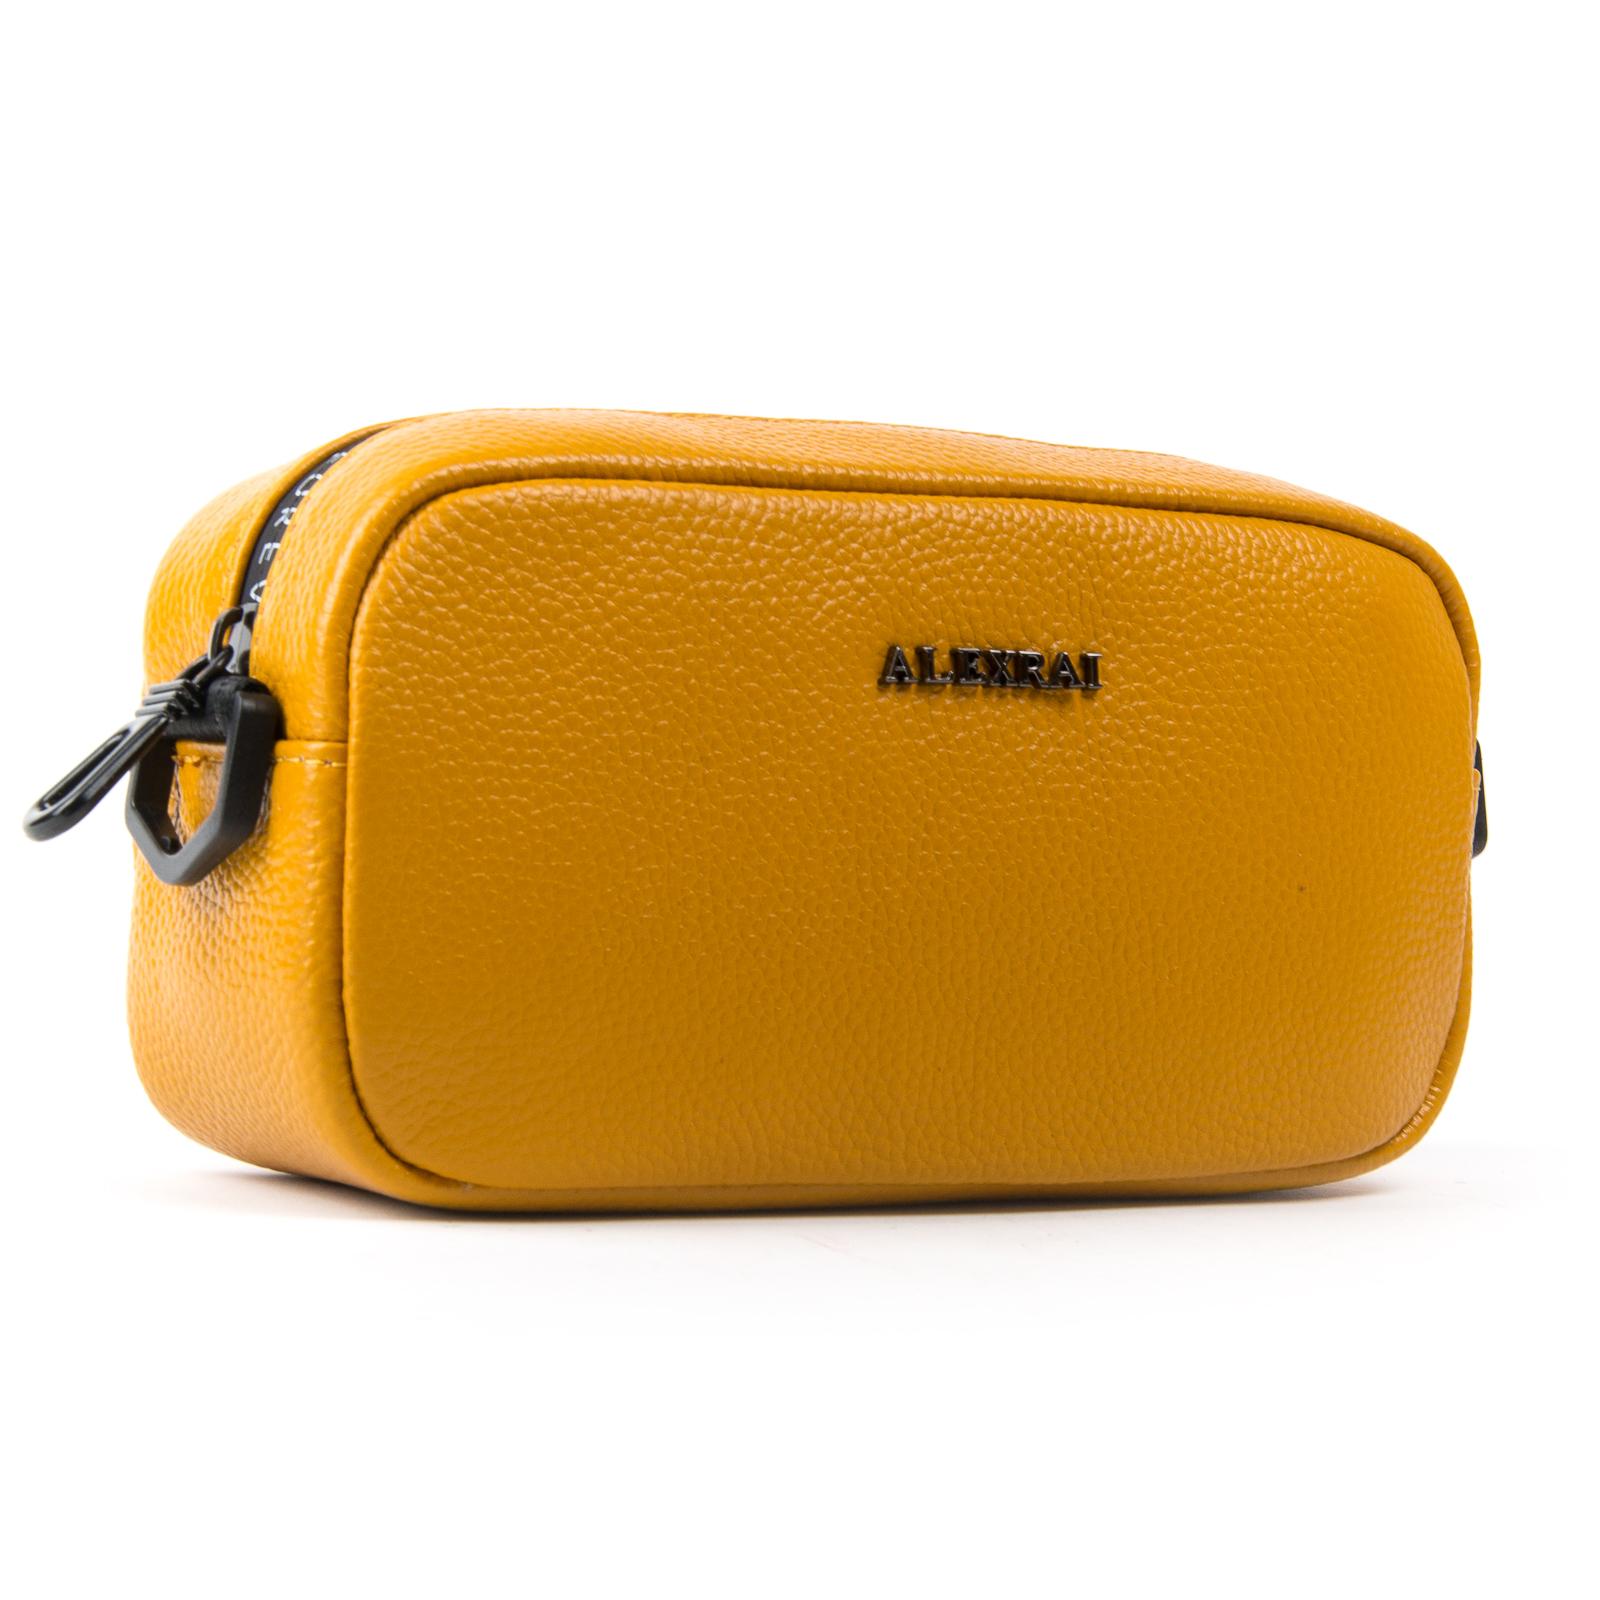 Сумка Женская Клатч кожа ALEX RAI 1-02 60062-9 yellow